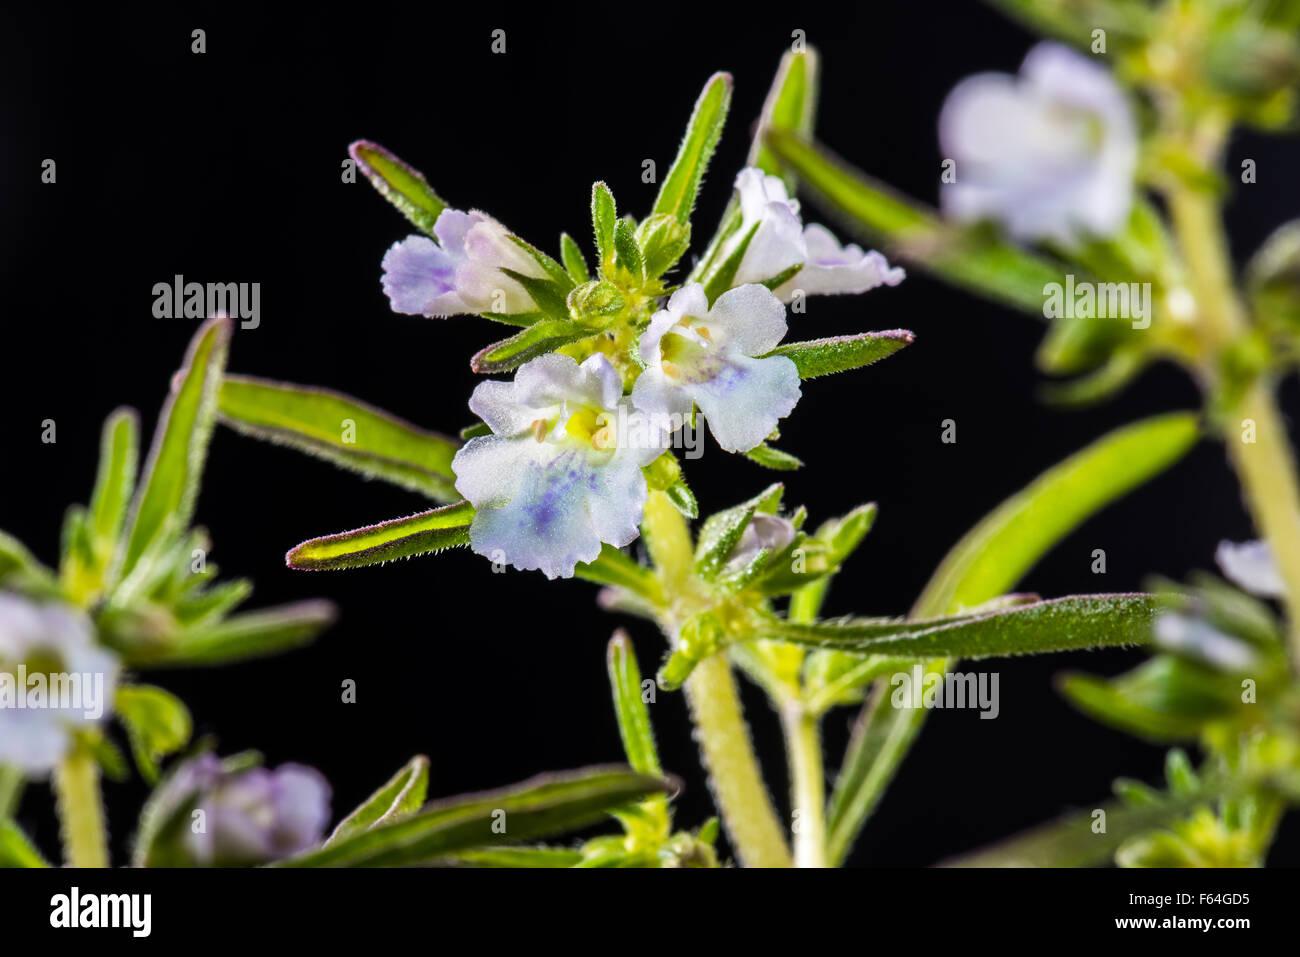 Savory, spice, seasoning, bloom, blooming, in bloom, plant, essential oils, fresh, herb, herbal, green, purple, - Stock Image